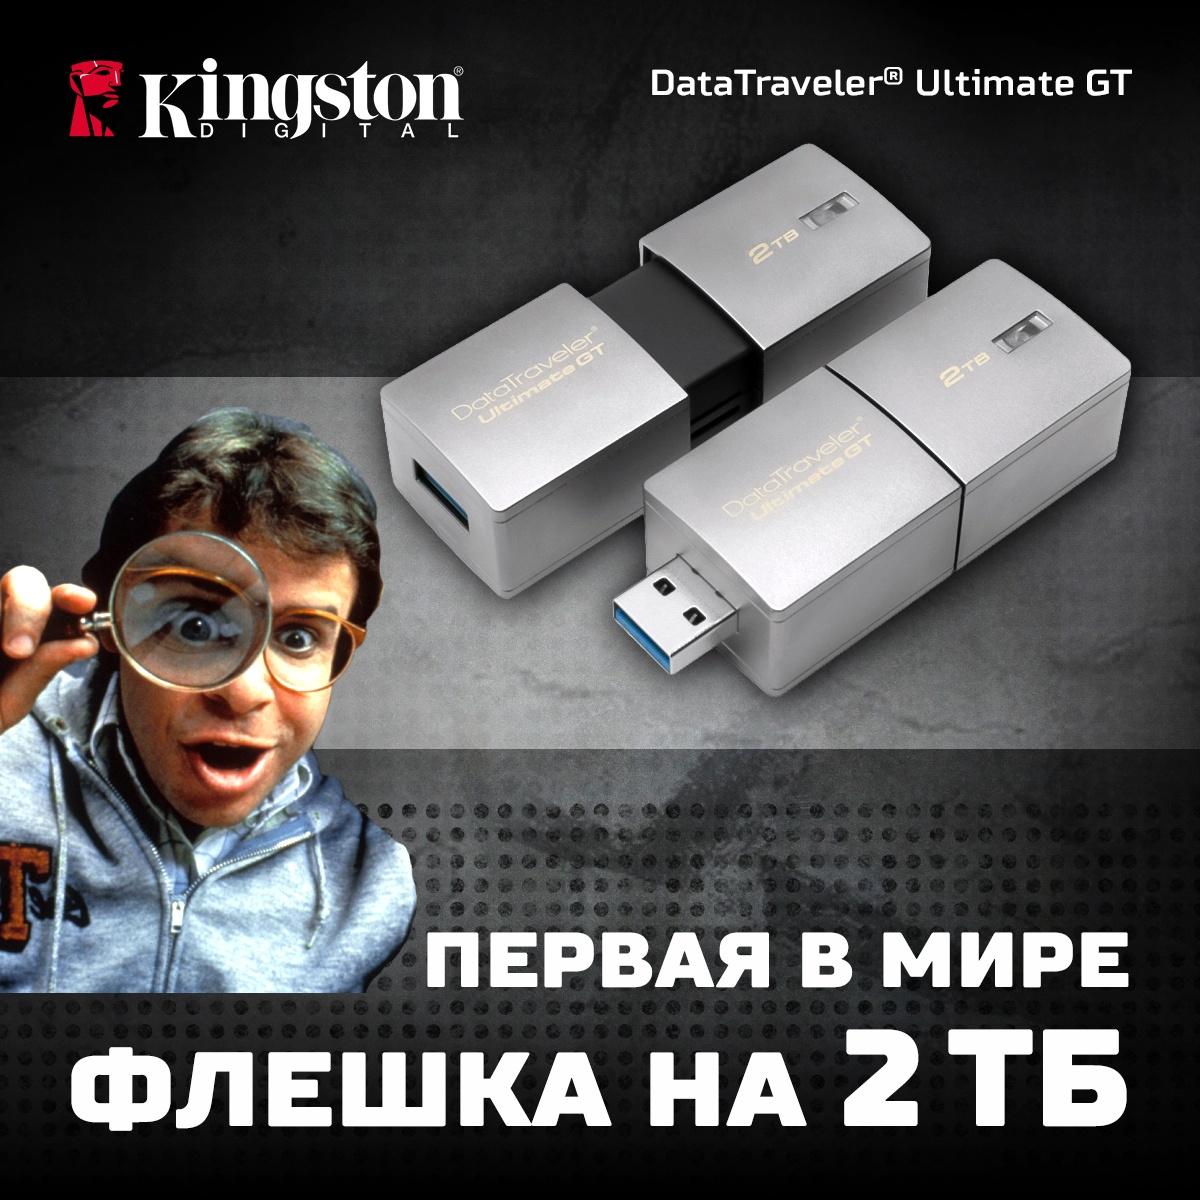 Компания Kingston анонсировала первую в мире USB флешку на 2 ТБ - 1